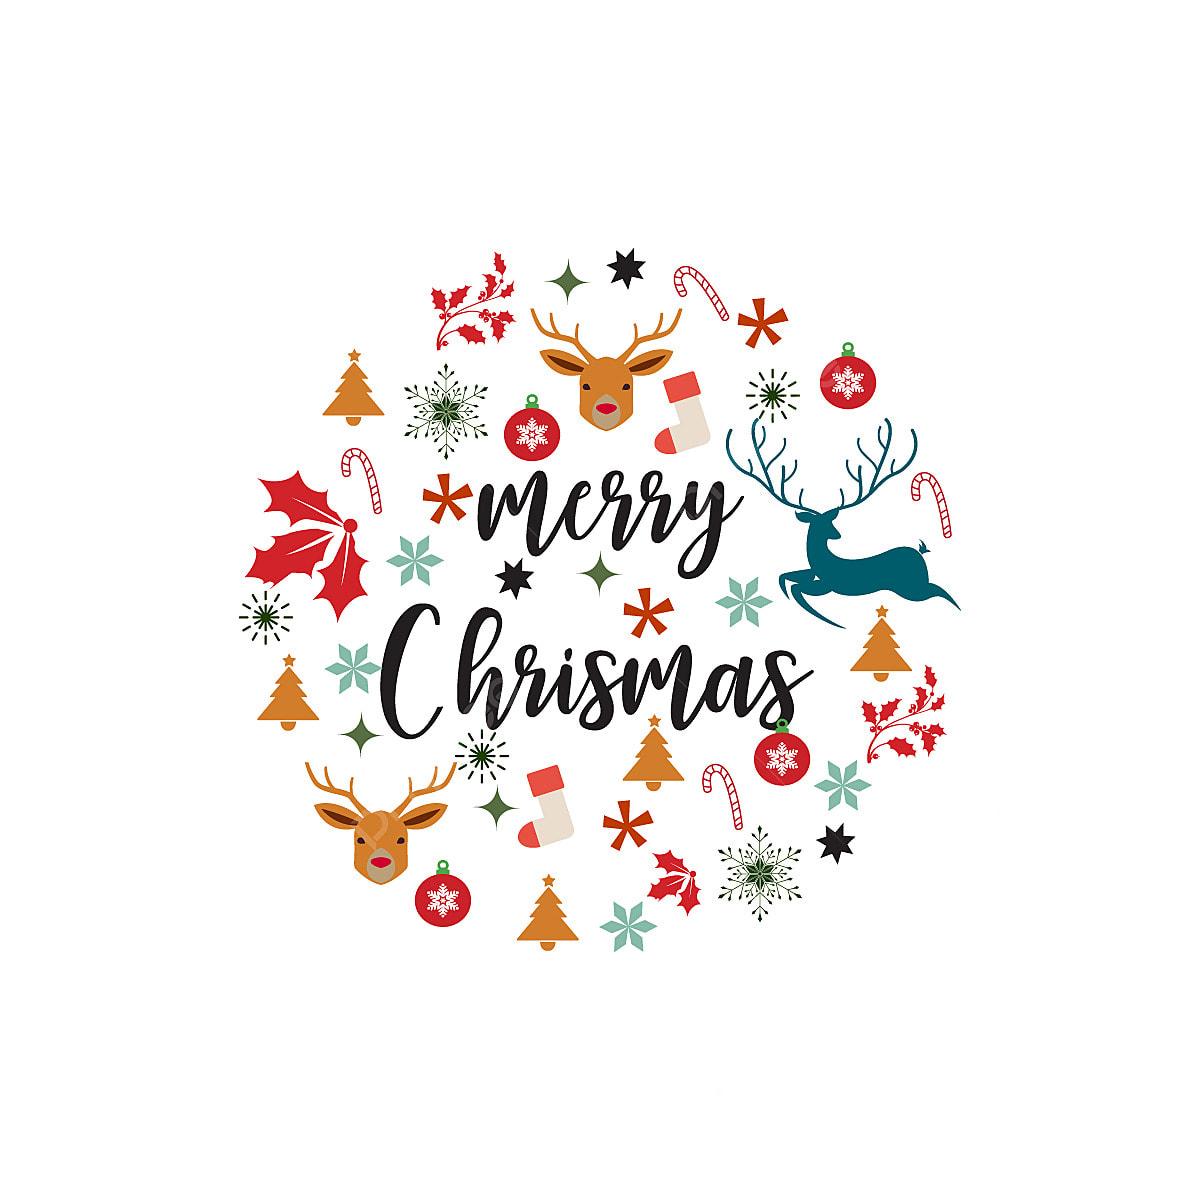 メリークリスマスカードのデザイン クリスマス 背景 イラスト